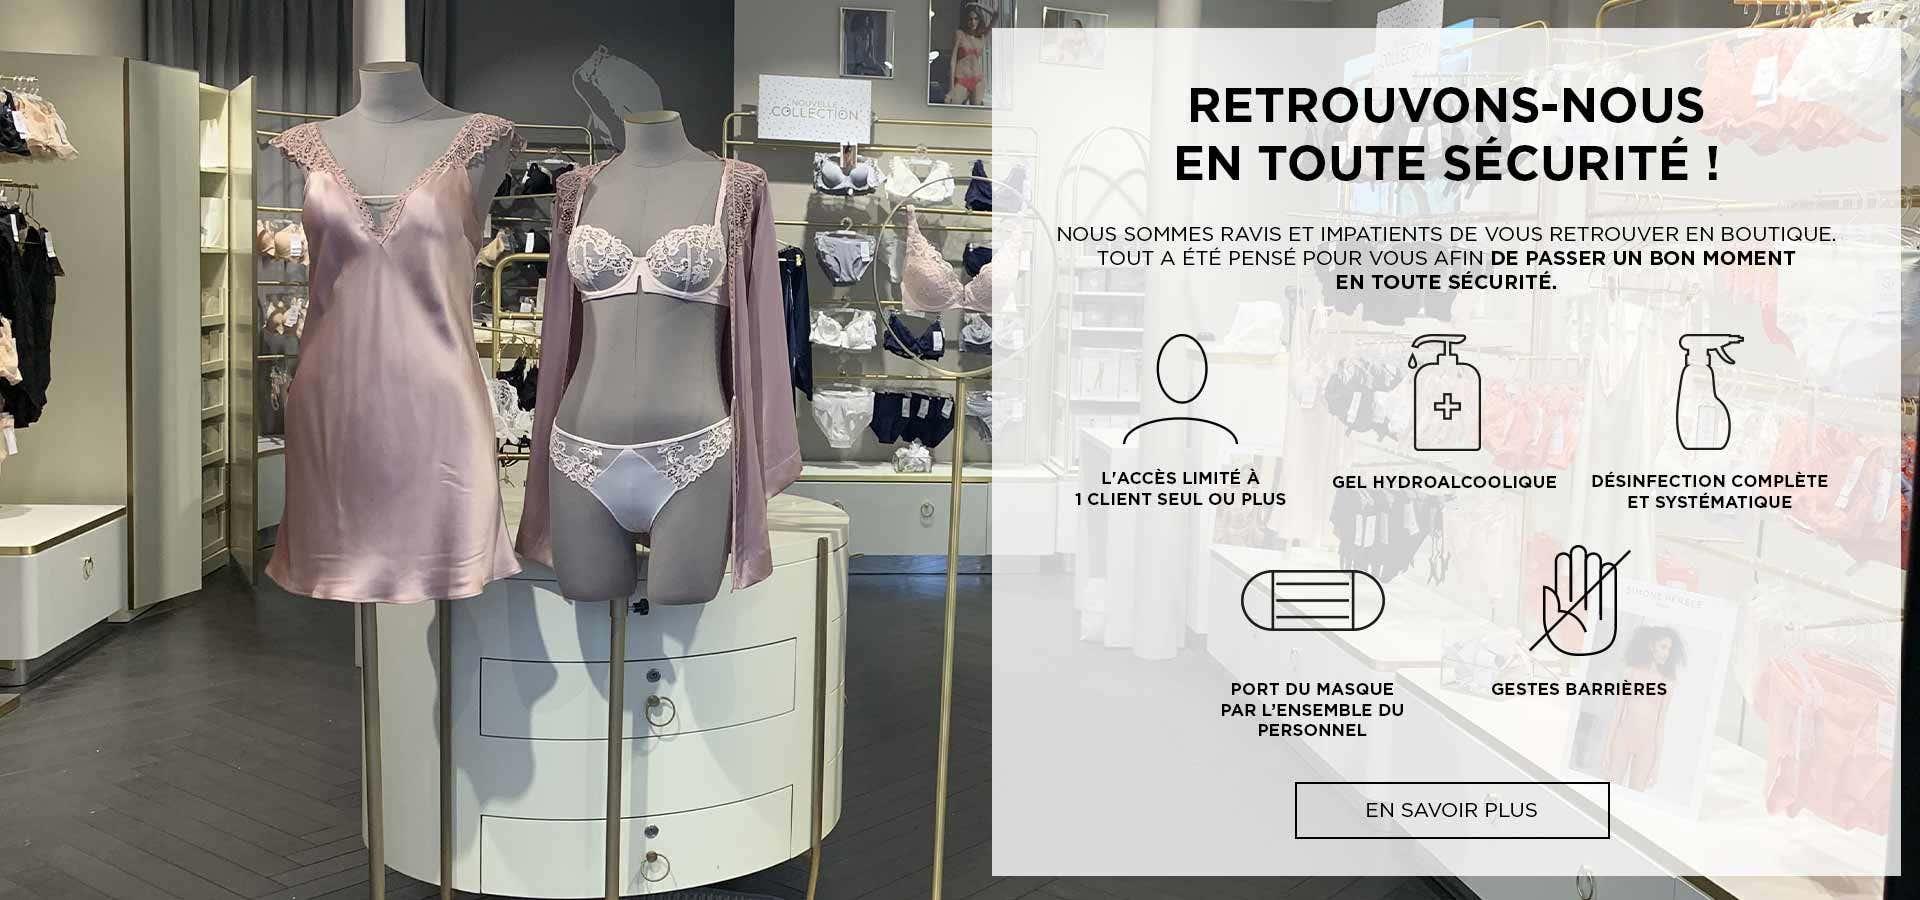 Covid19: Reouverture boutiques